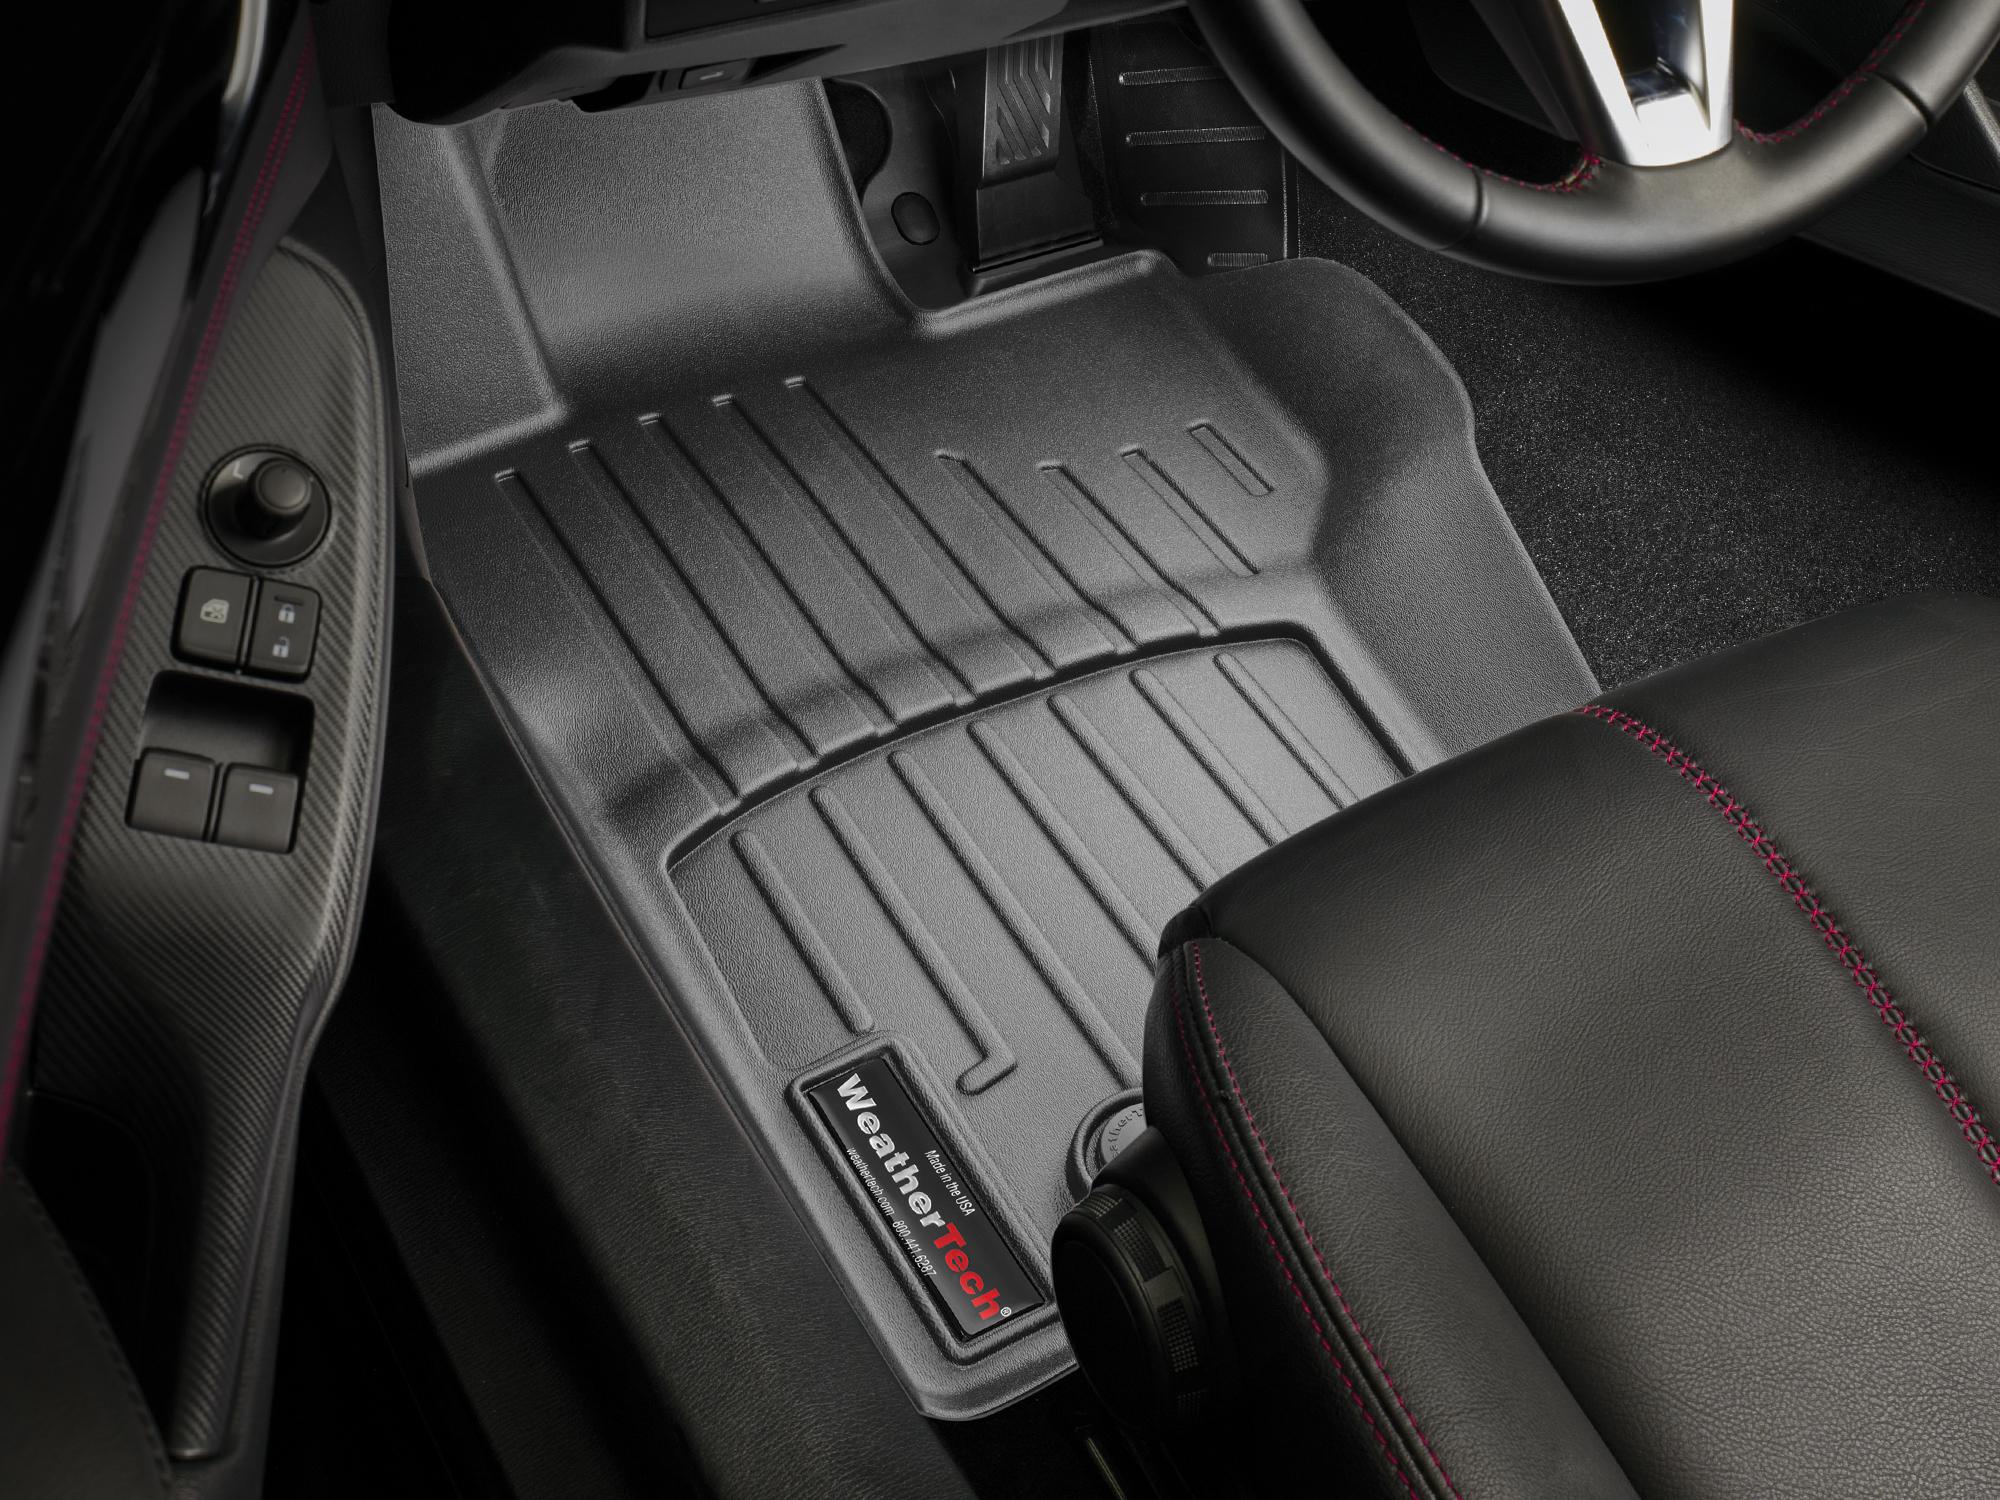 Tappeti gomma su misura bordo alto Fiat 124 Spider 16>17 Nero A750*